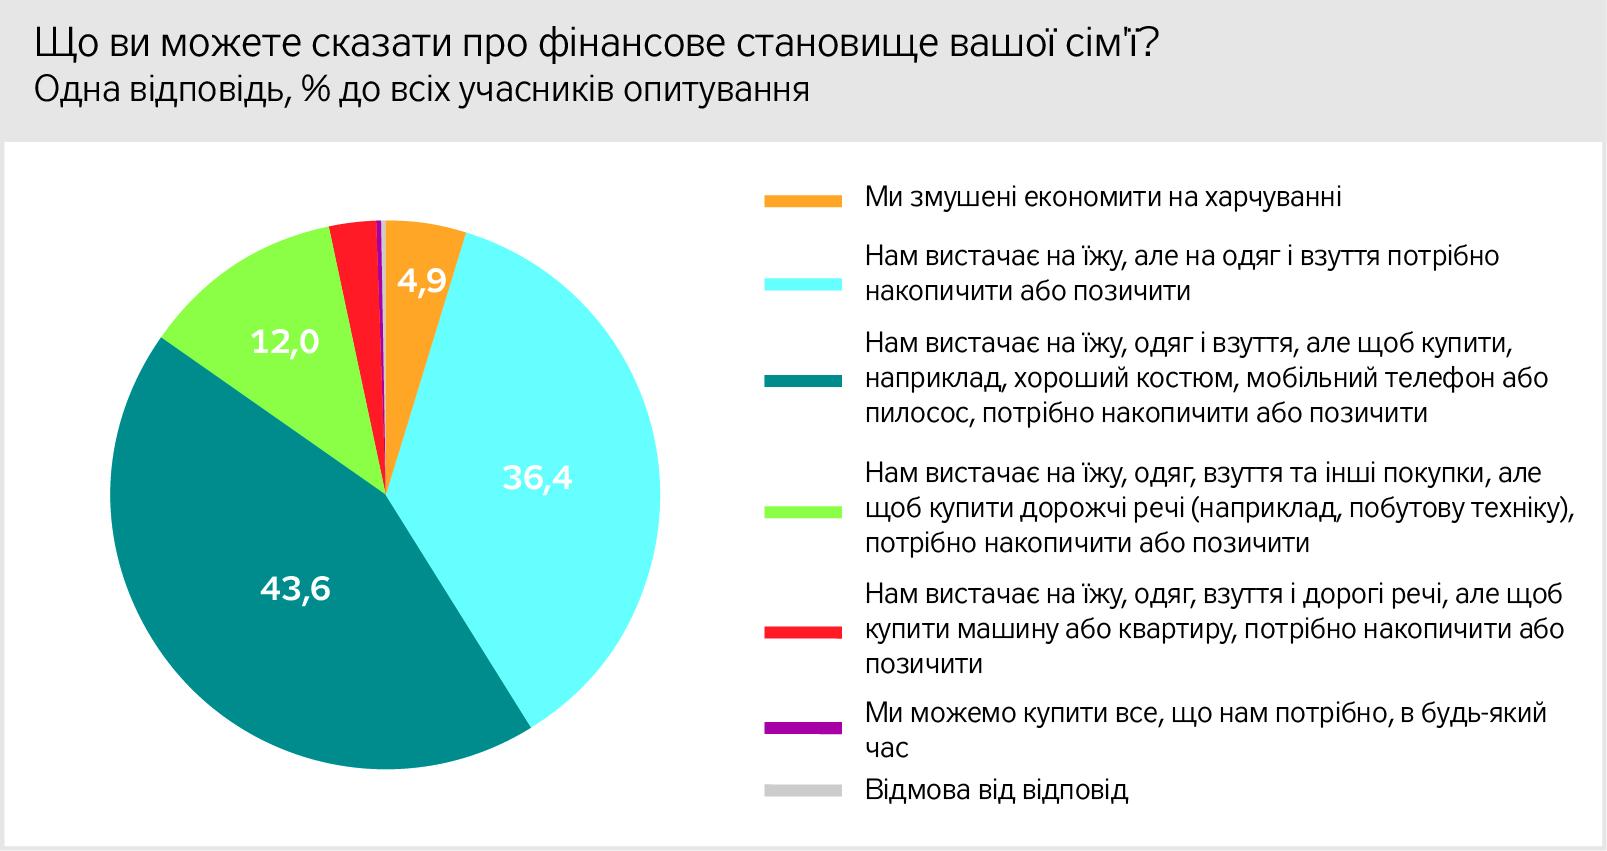 41,3% жителей ОРДЛО считают себя бедными, — опрос